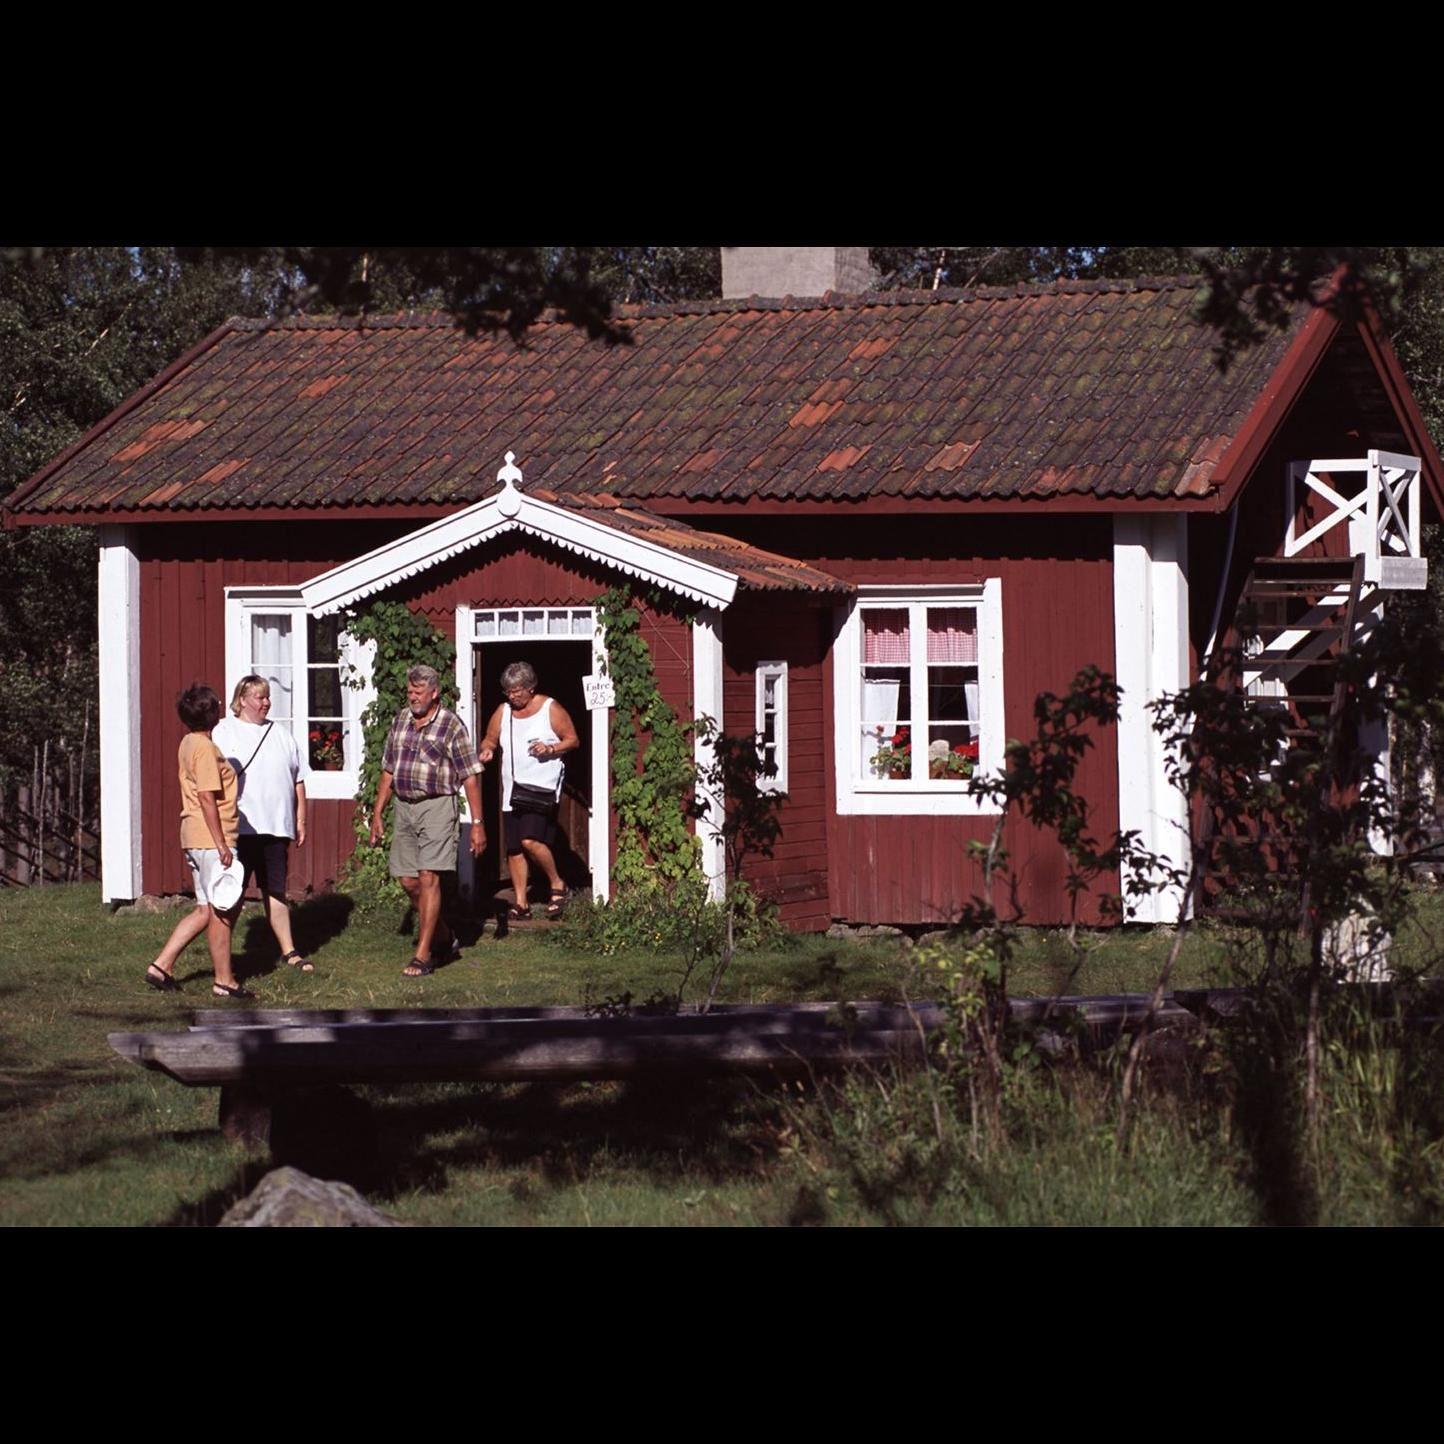 Foto: Ludvika Turistbyrå, Skattlösbergs By och Luossastugan